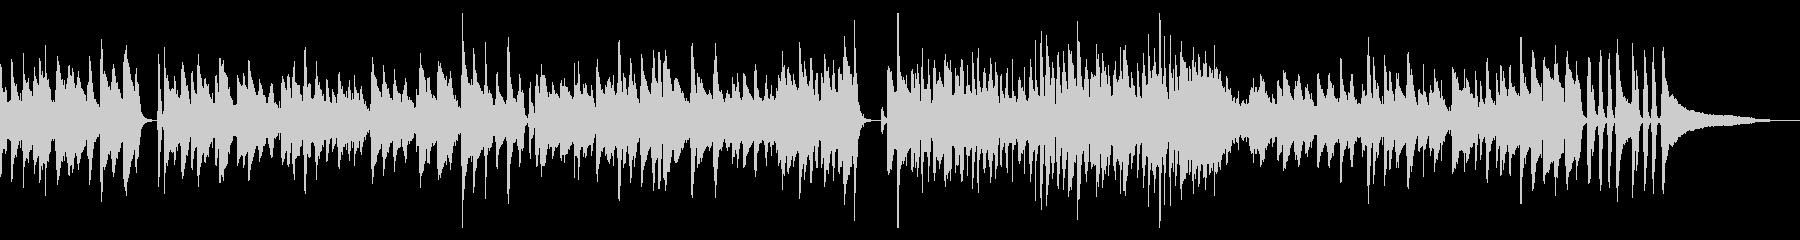 本格的ピアノジャズの未再生の波形